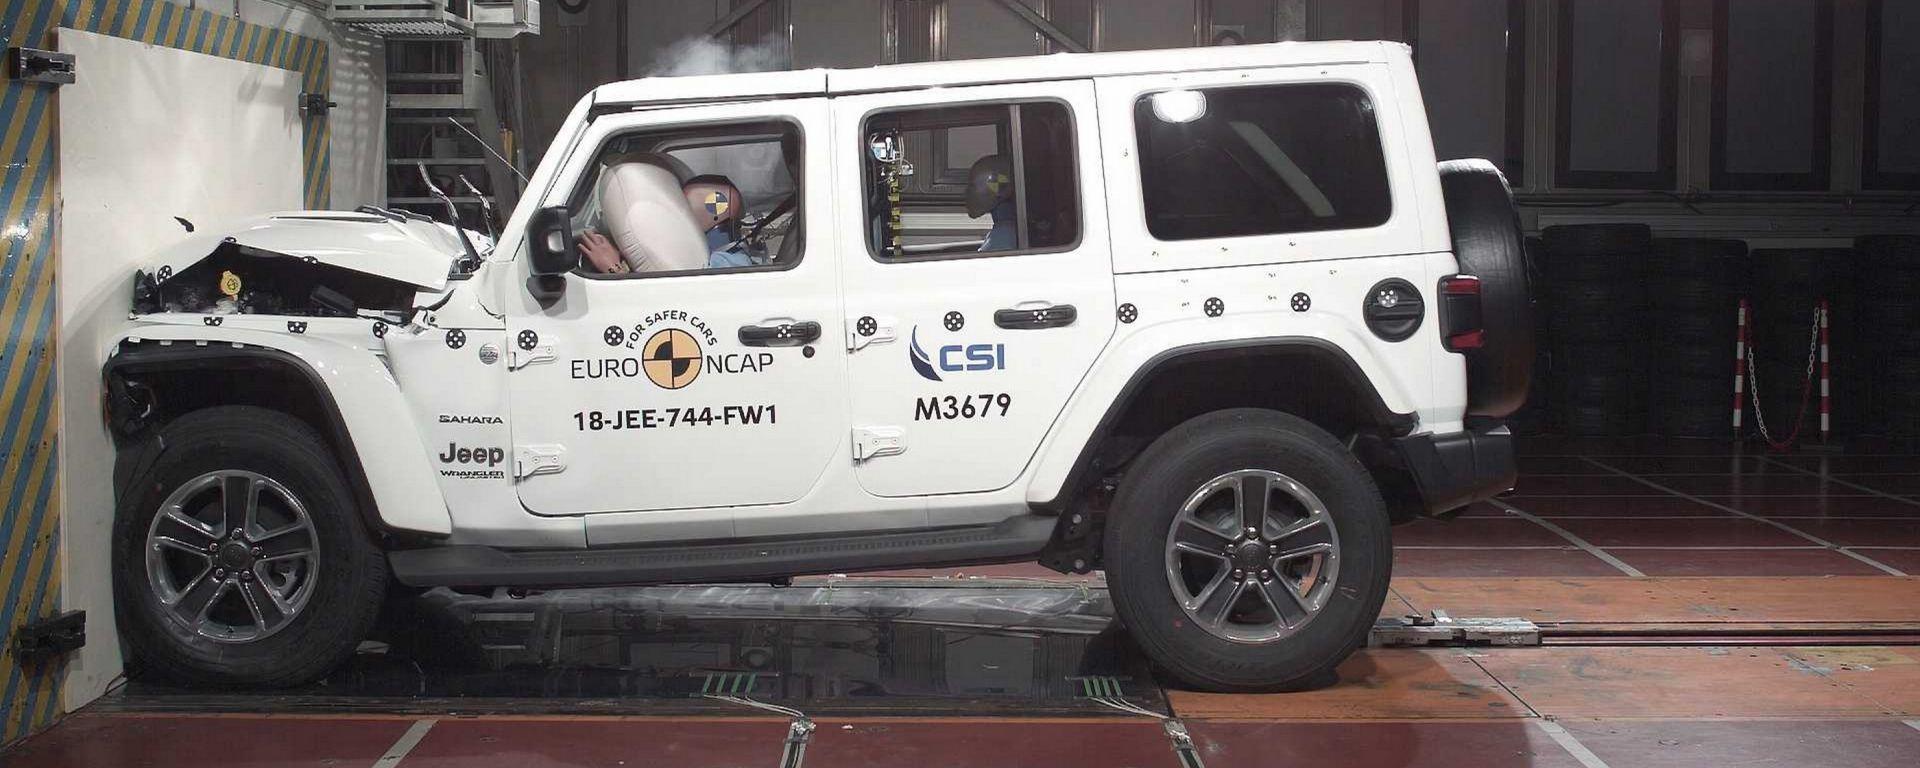 Nuova Jeep Wrangler: una stella Euro NCAP, servono più ADAS